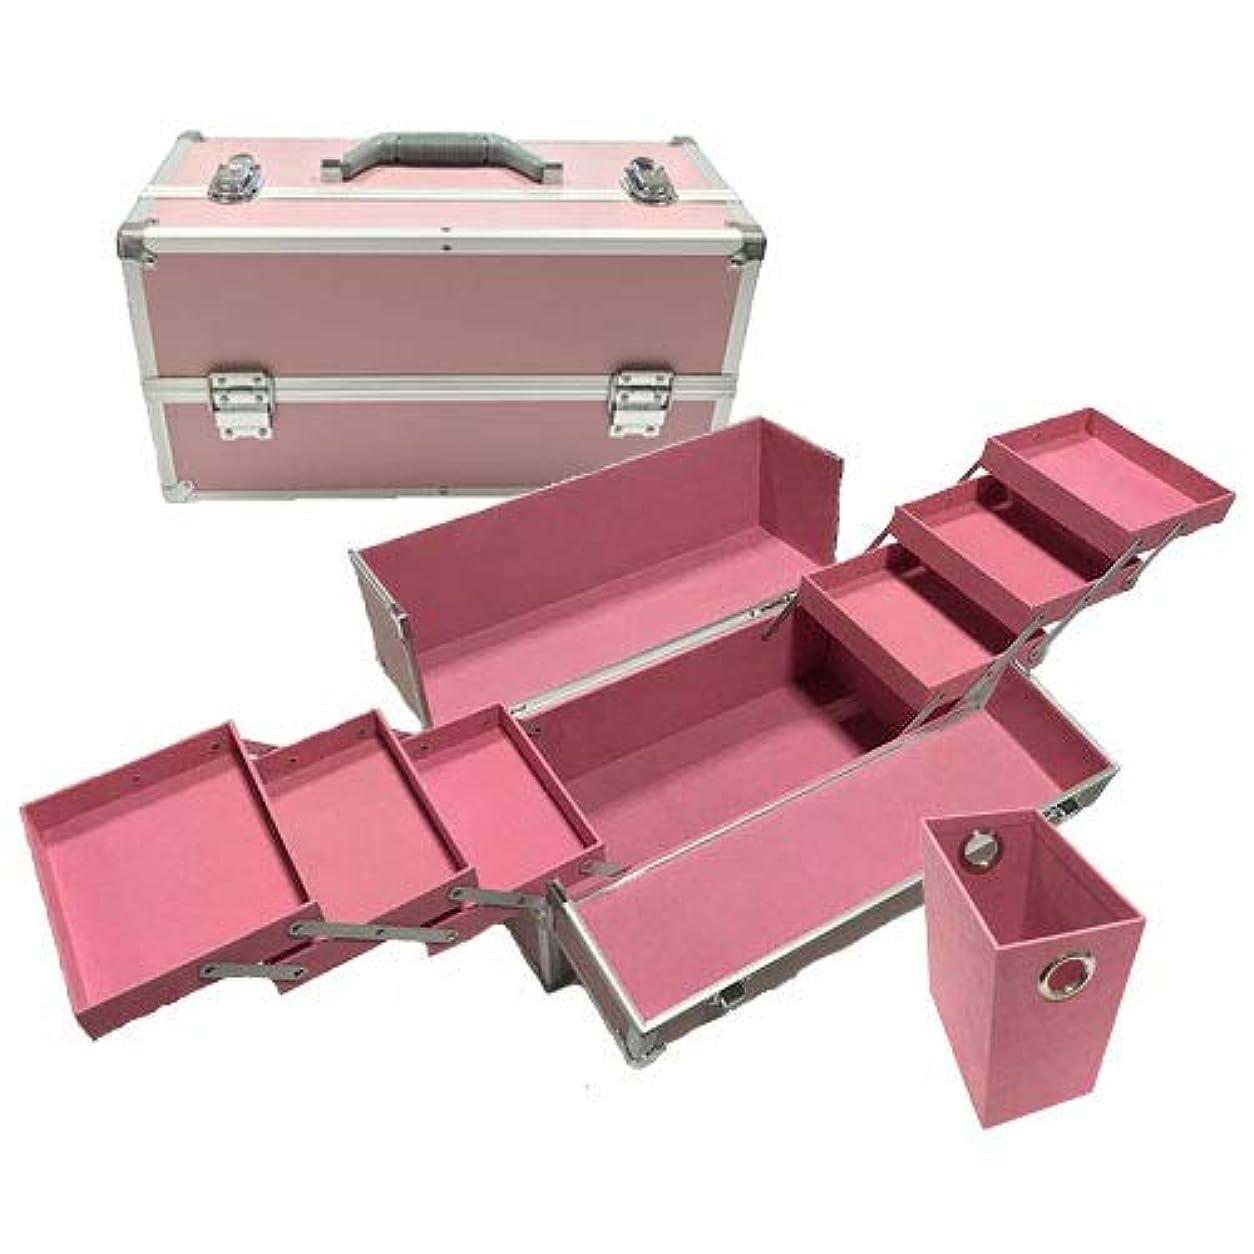 隠役割コンパイルリライアブル コスメボックス ワイド RB203-PP 鍵付き プロ仕様 メイクボックス 大容量 化粧品収納 小物入れ 6段トレー ベロア メイクケース コスメBOX 持ち運び ネイルケース